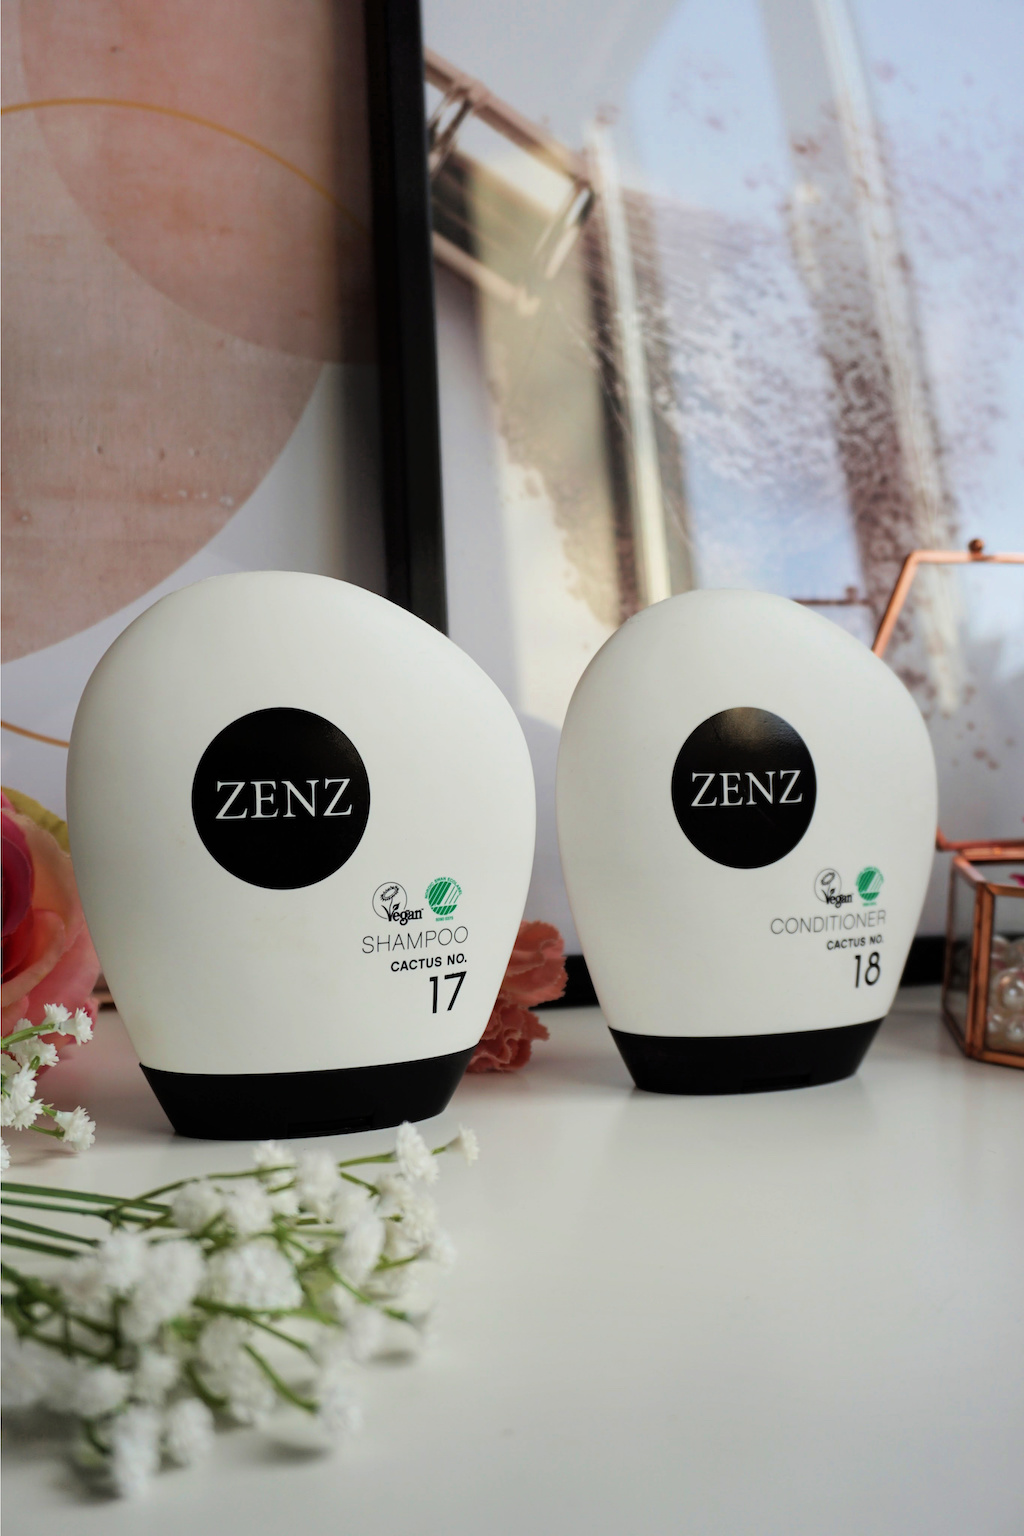 ZENZ Cactus Shampoo no. 17 & Cactus Conditioner no. 18 Review